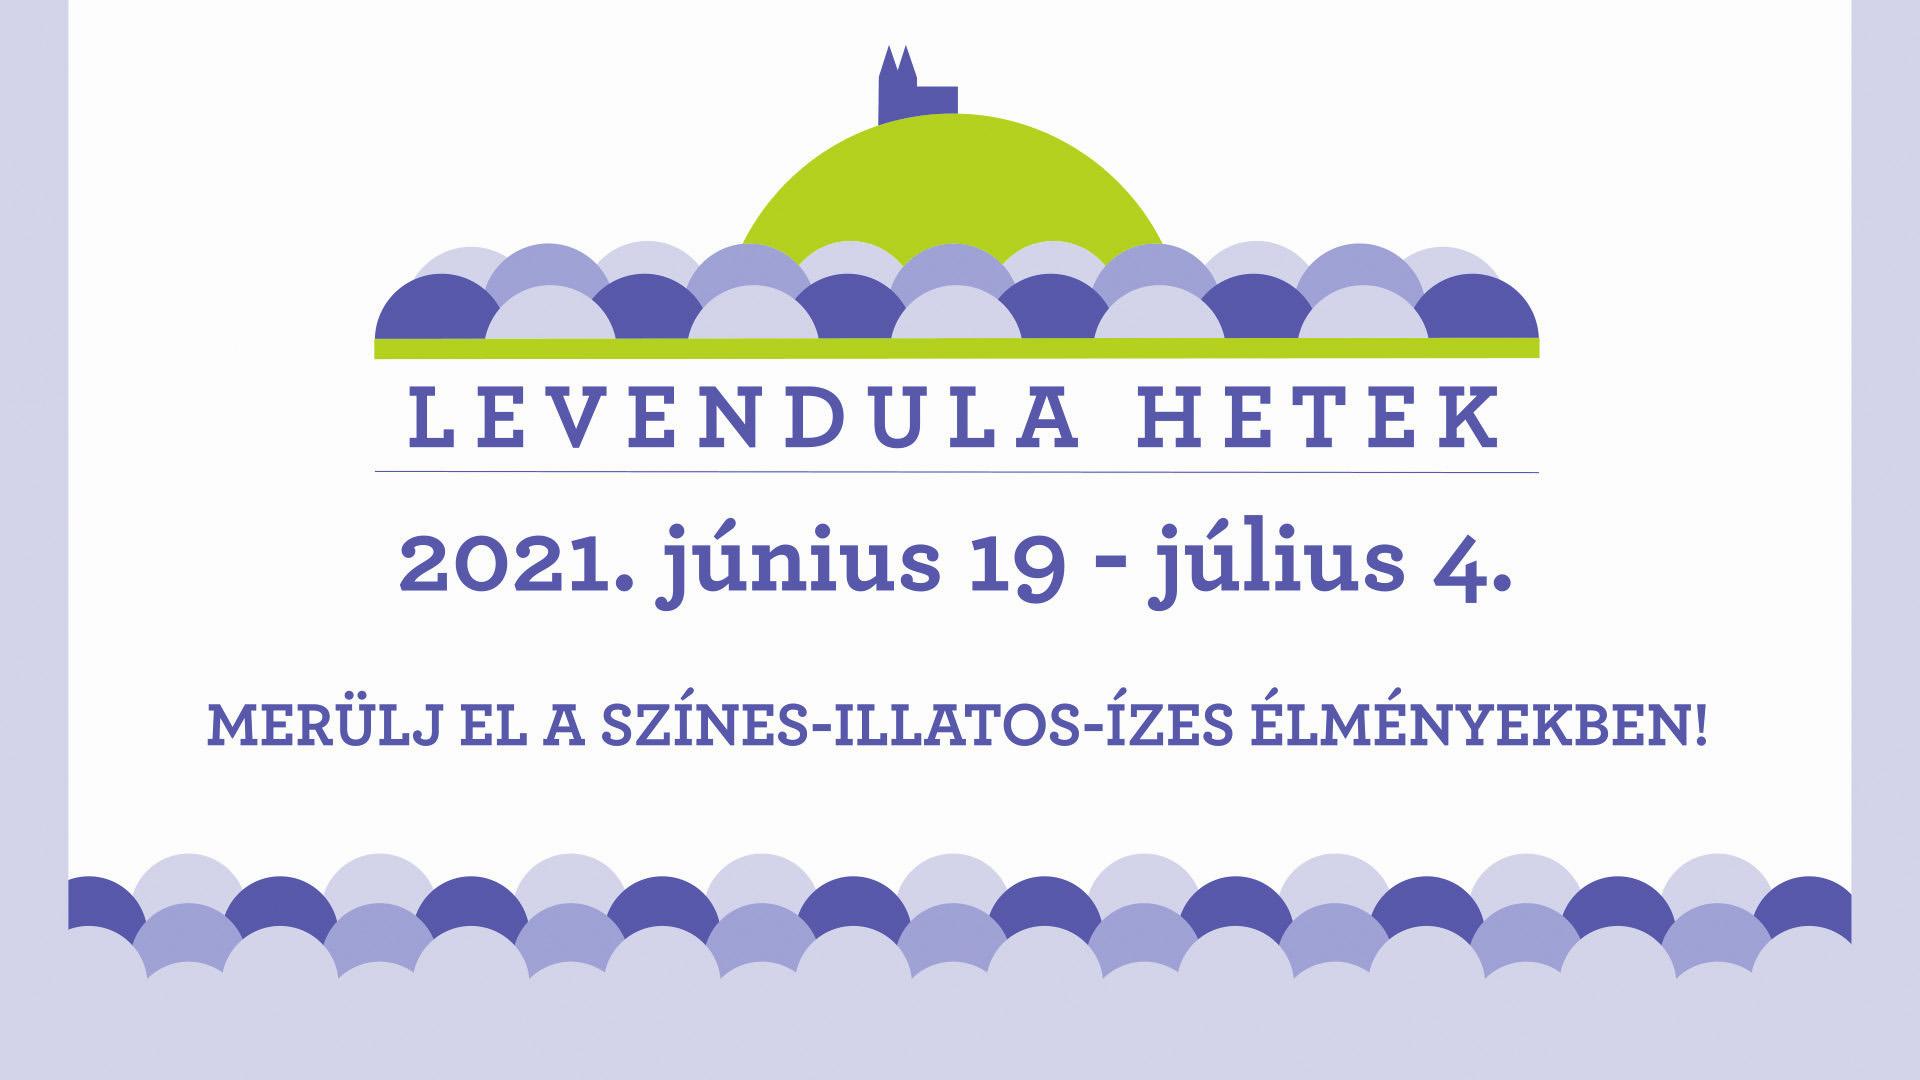 XVI. Tihanyi Levendula Fesztivál és Levendula Hetek